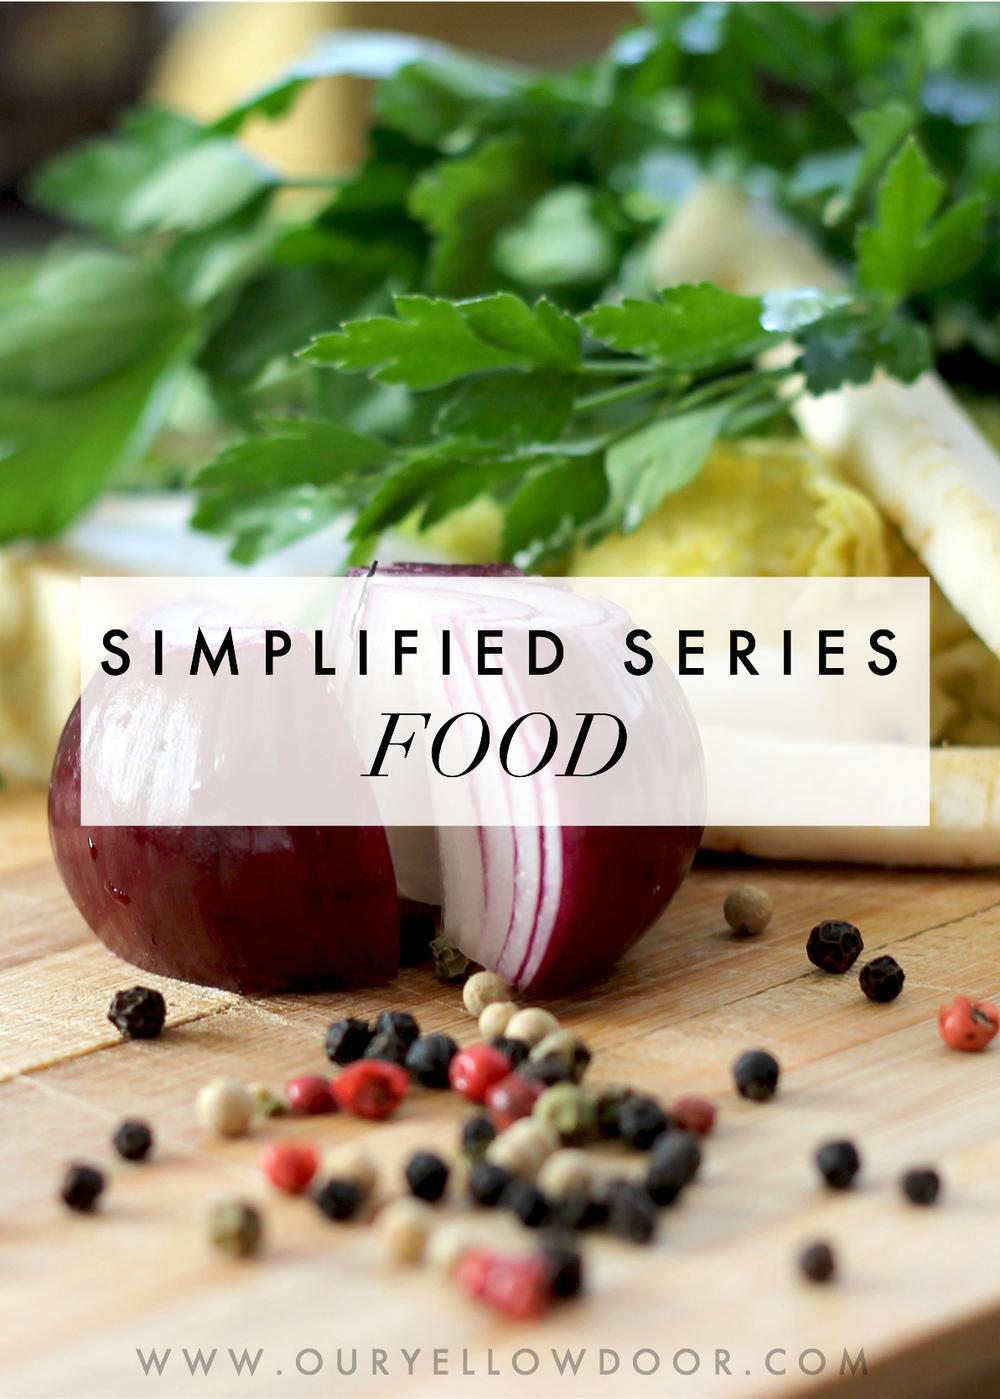 Simplified-Series-Food.jpg